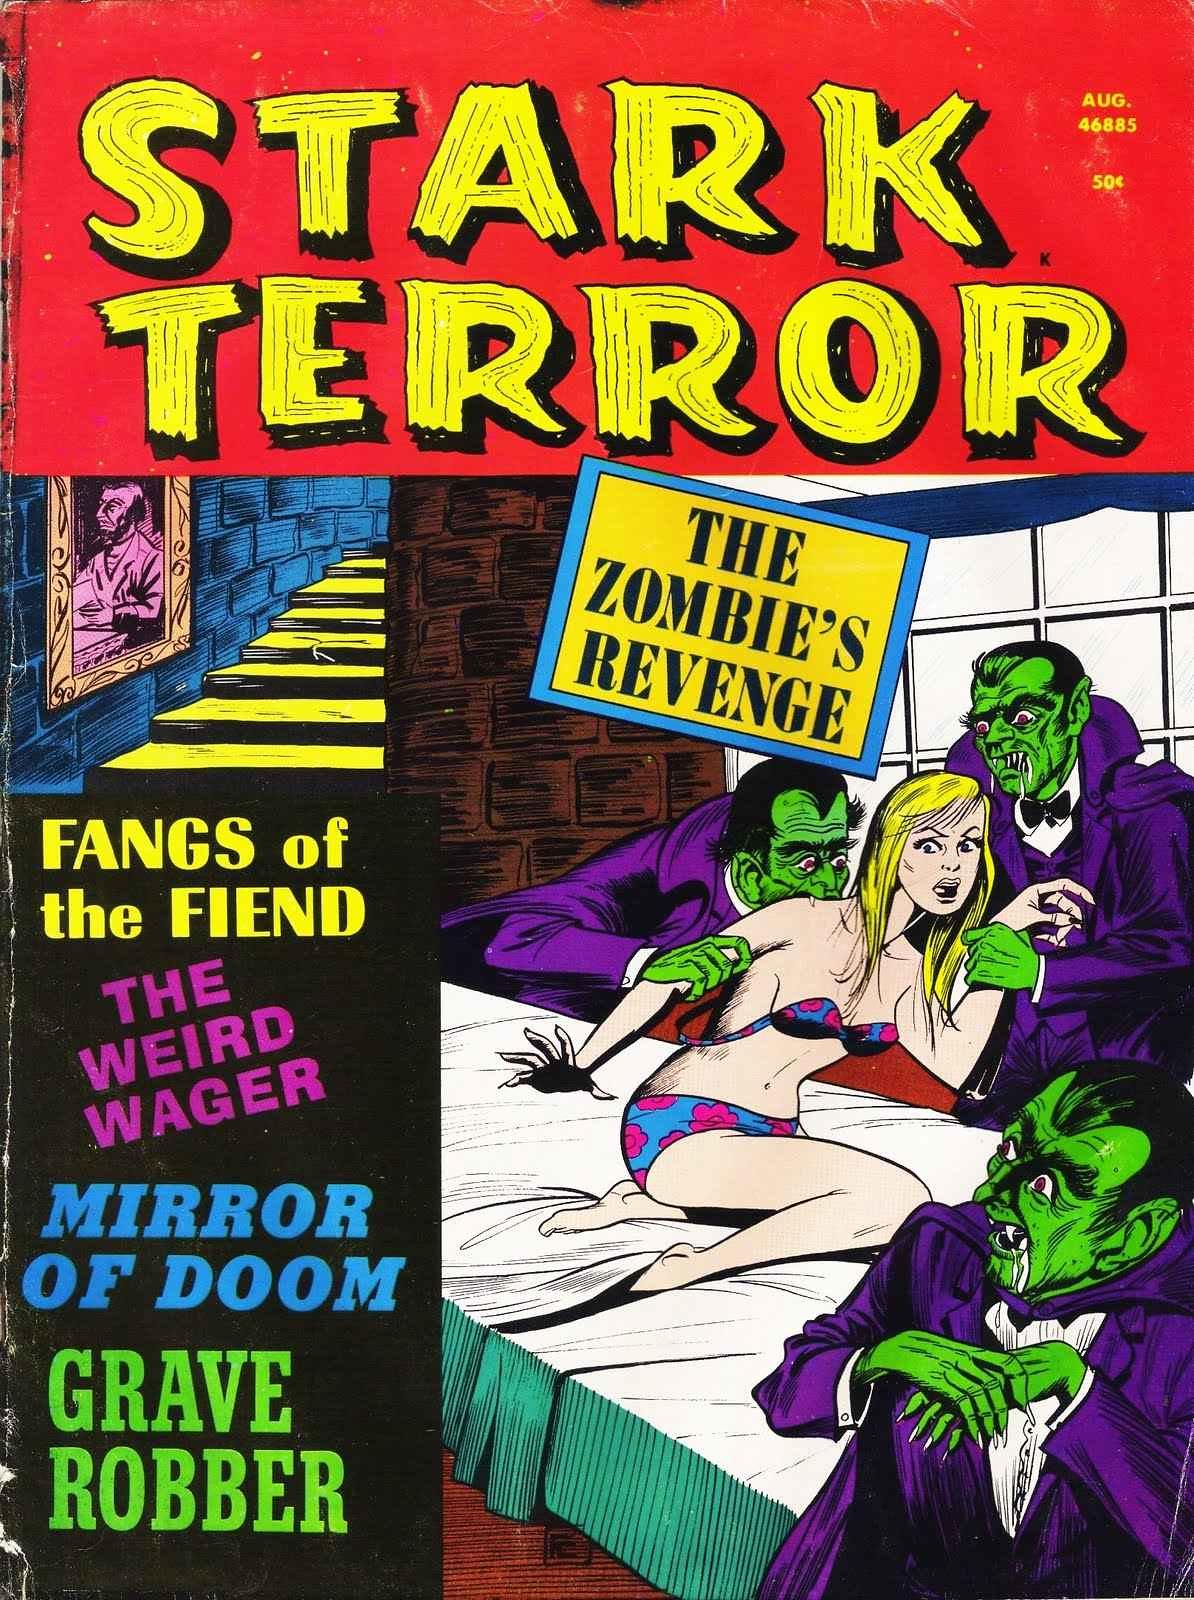 Stark Terror - 05, August 1971